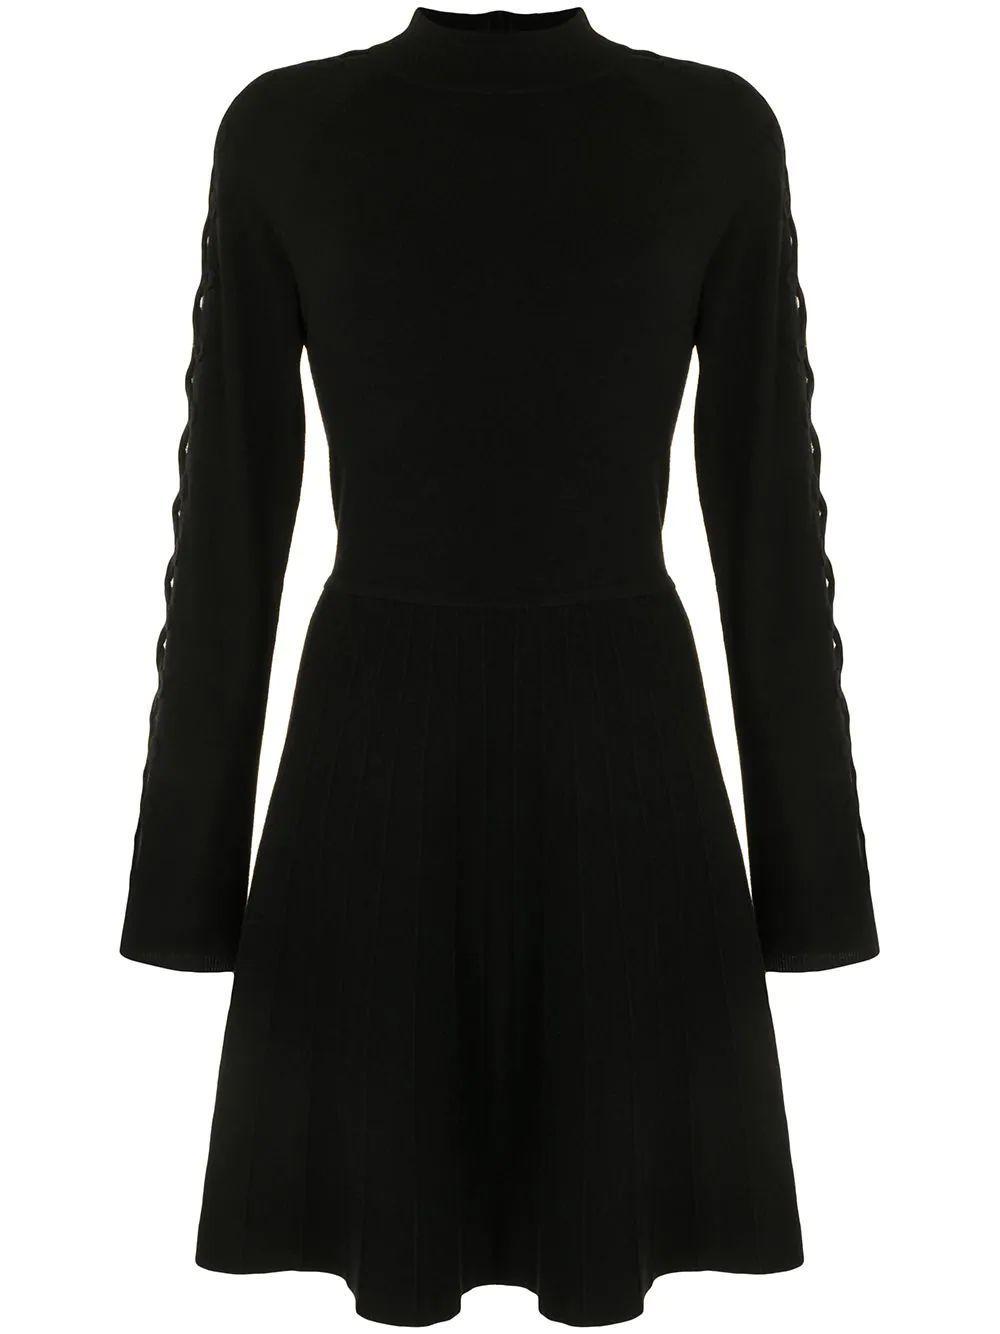 Lattice- Sleeve Knit Dress Item # F20KN3562